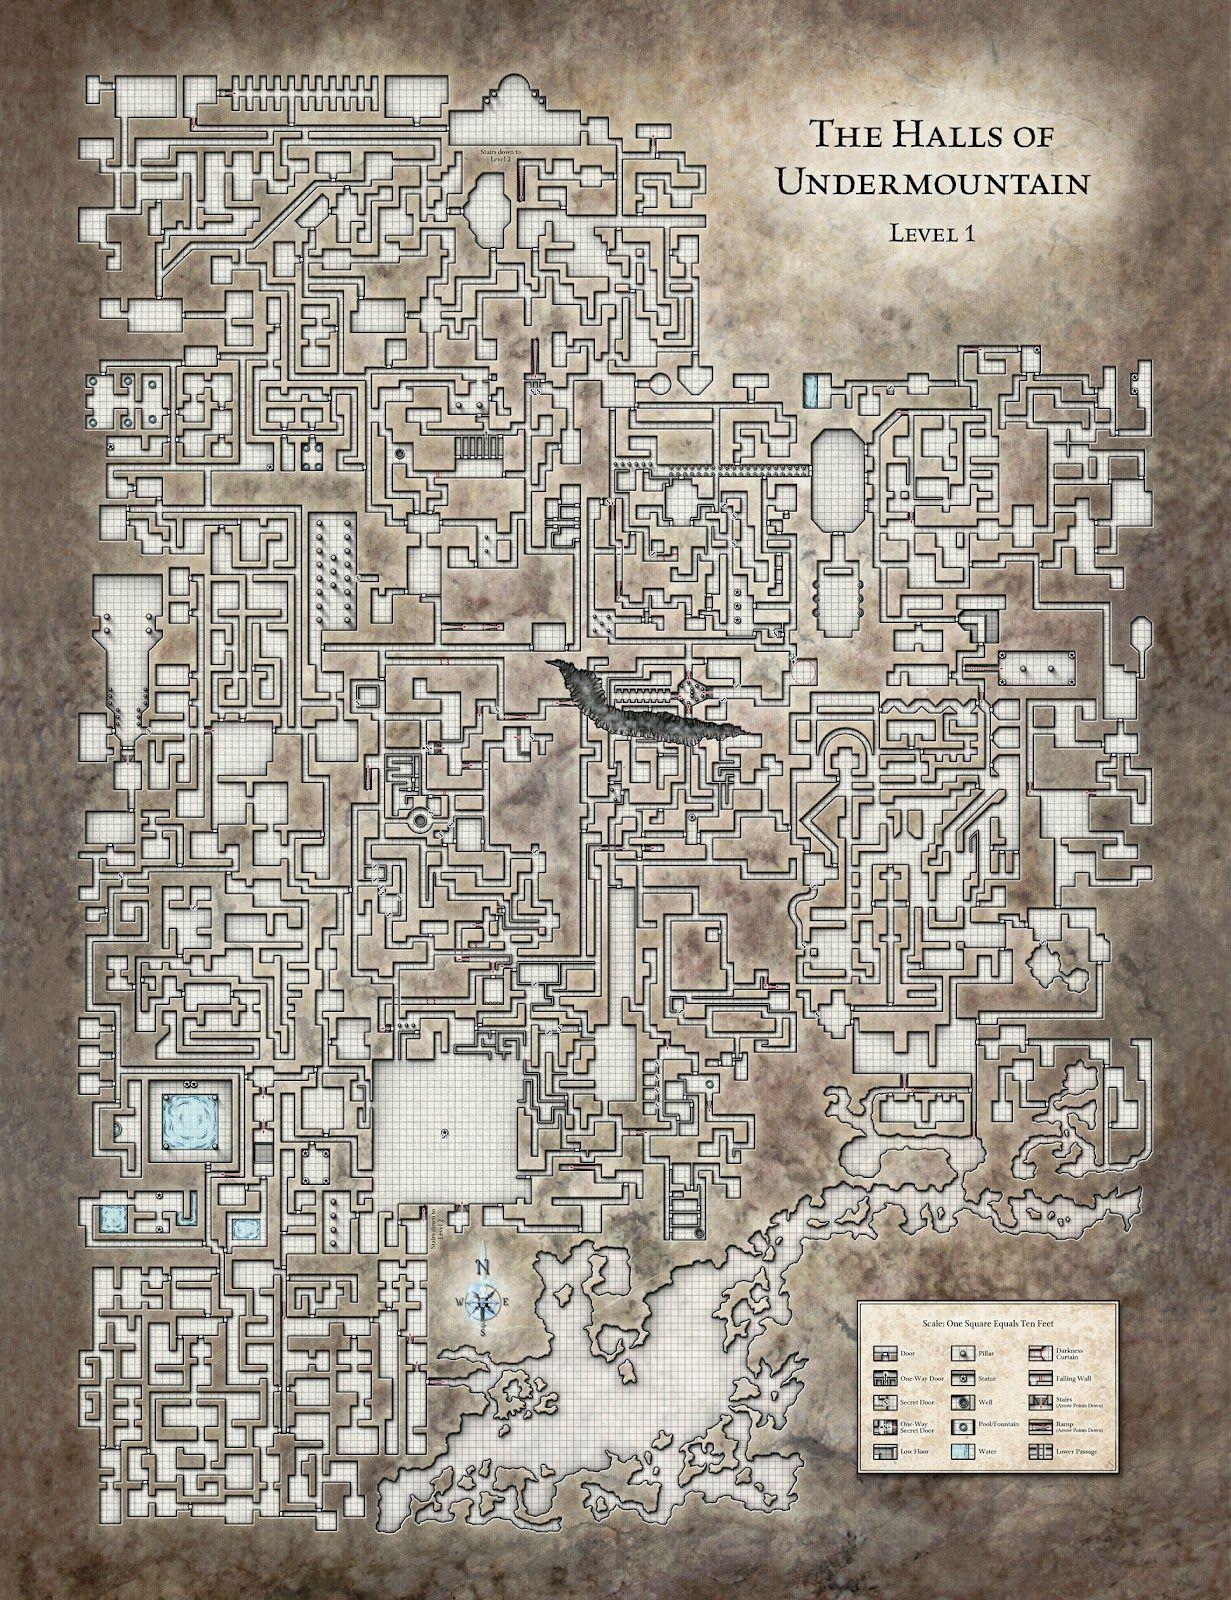 underdark map Recherche Google underdark map